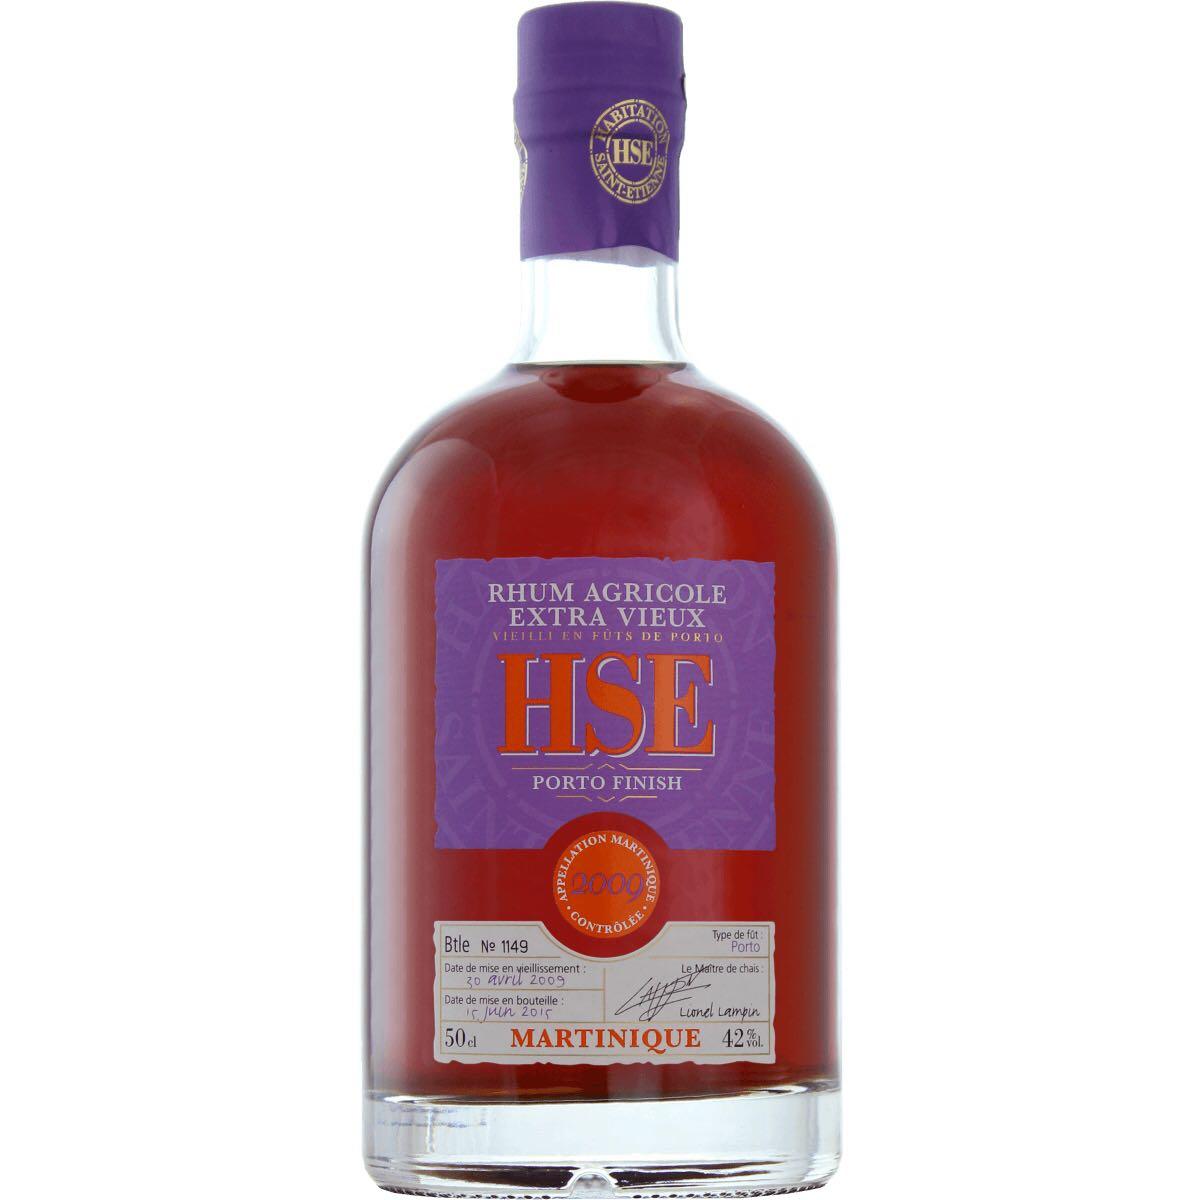 Bottle image of HSE Porto Finish